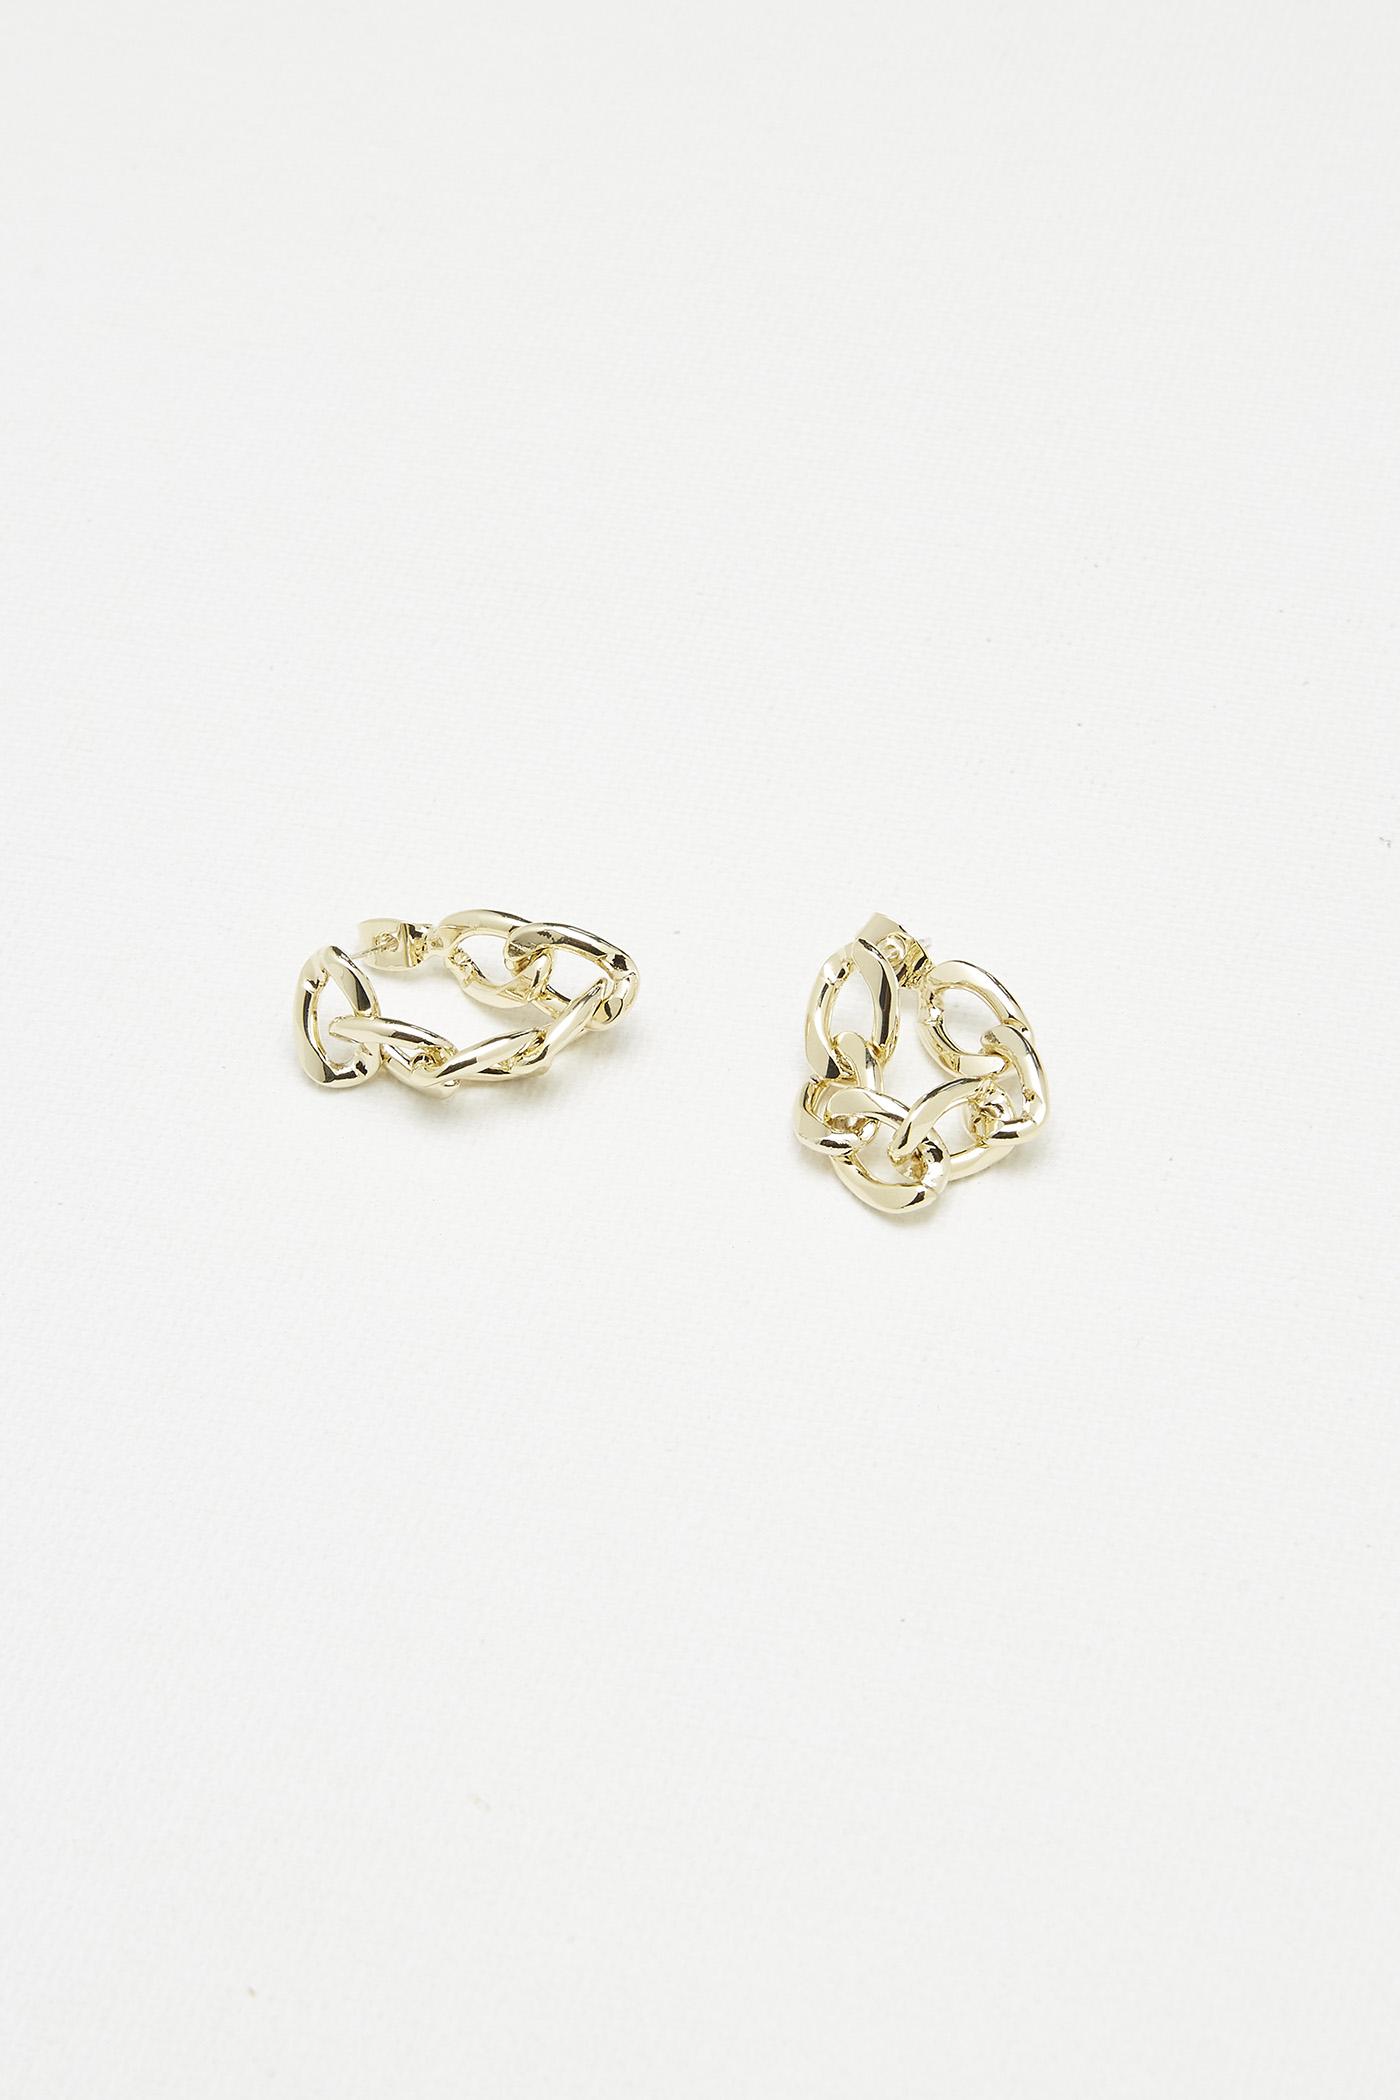 Kaiden Earrings